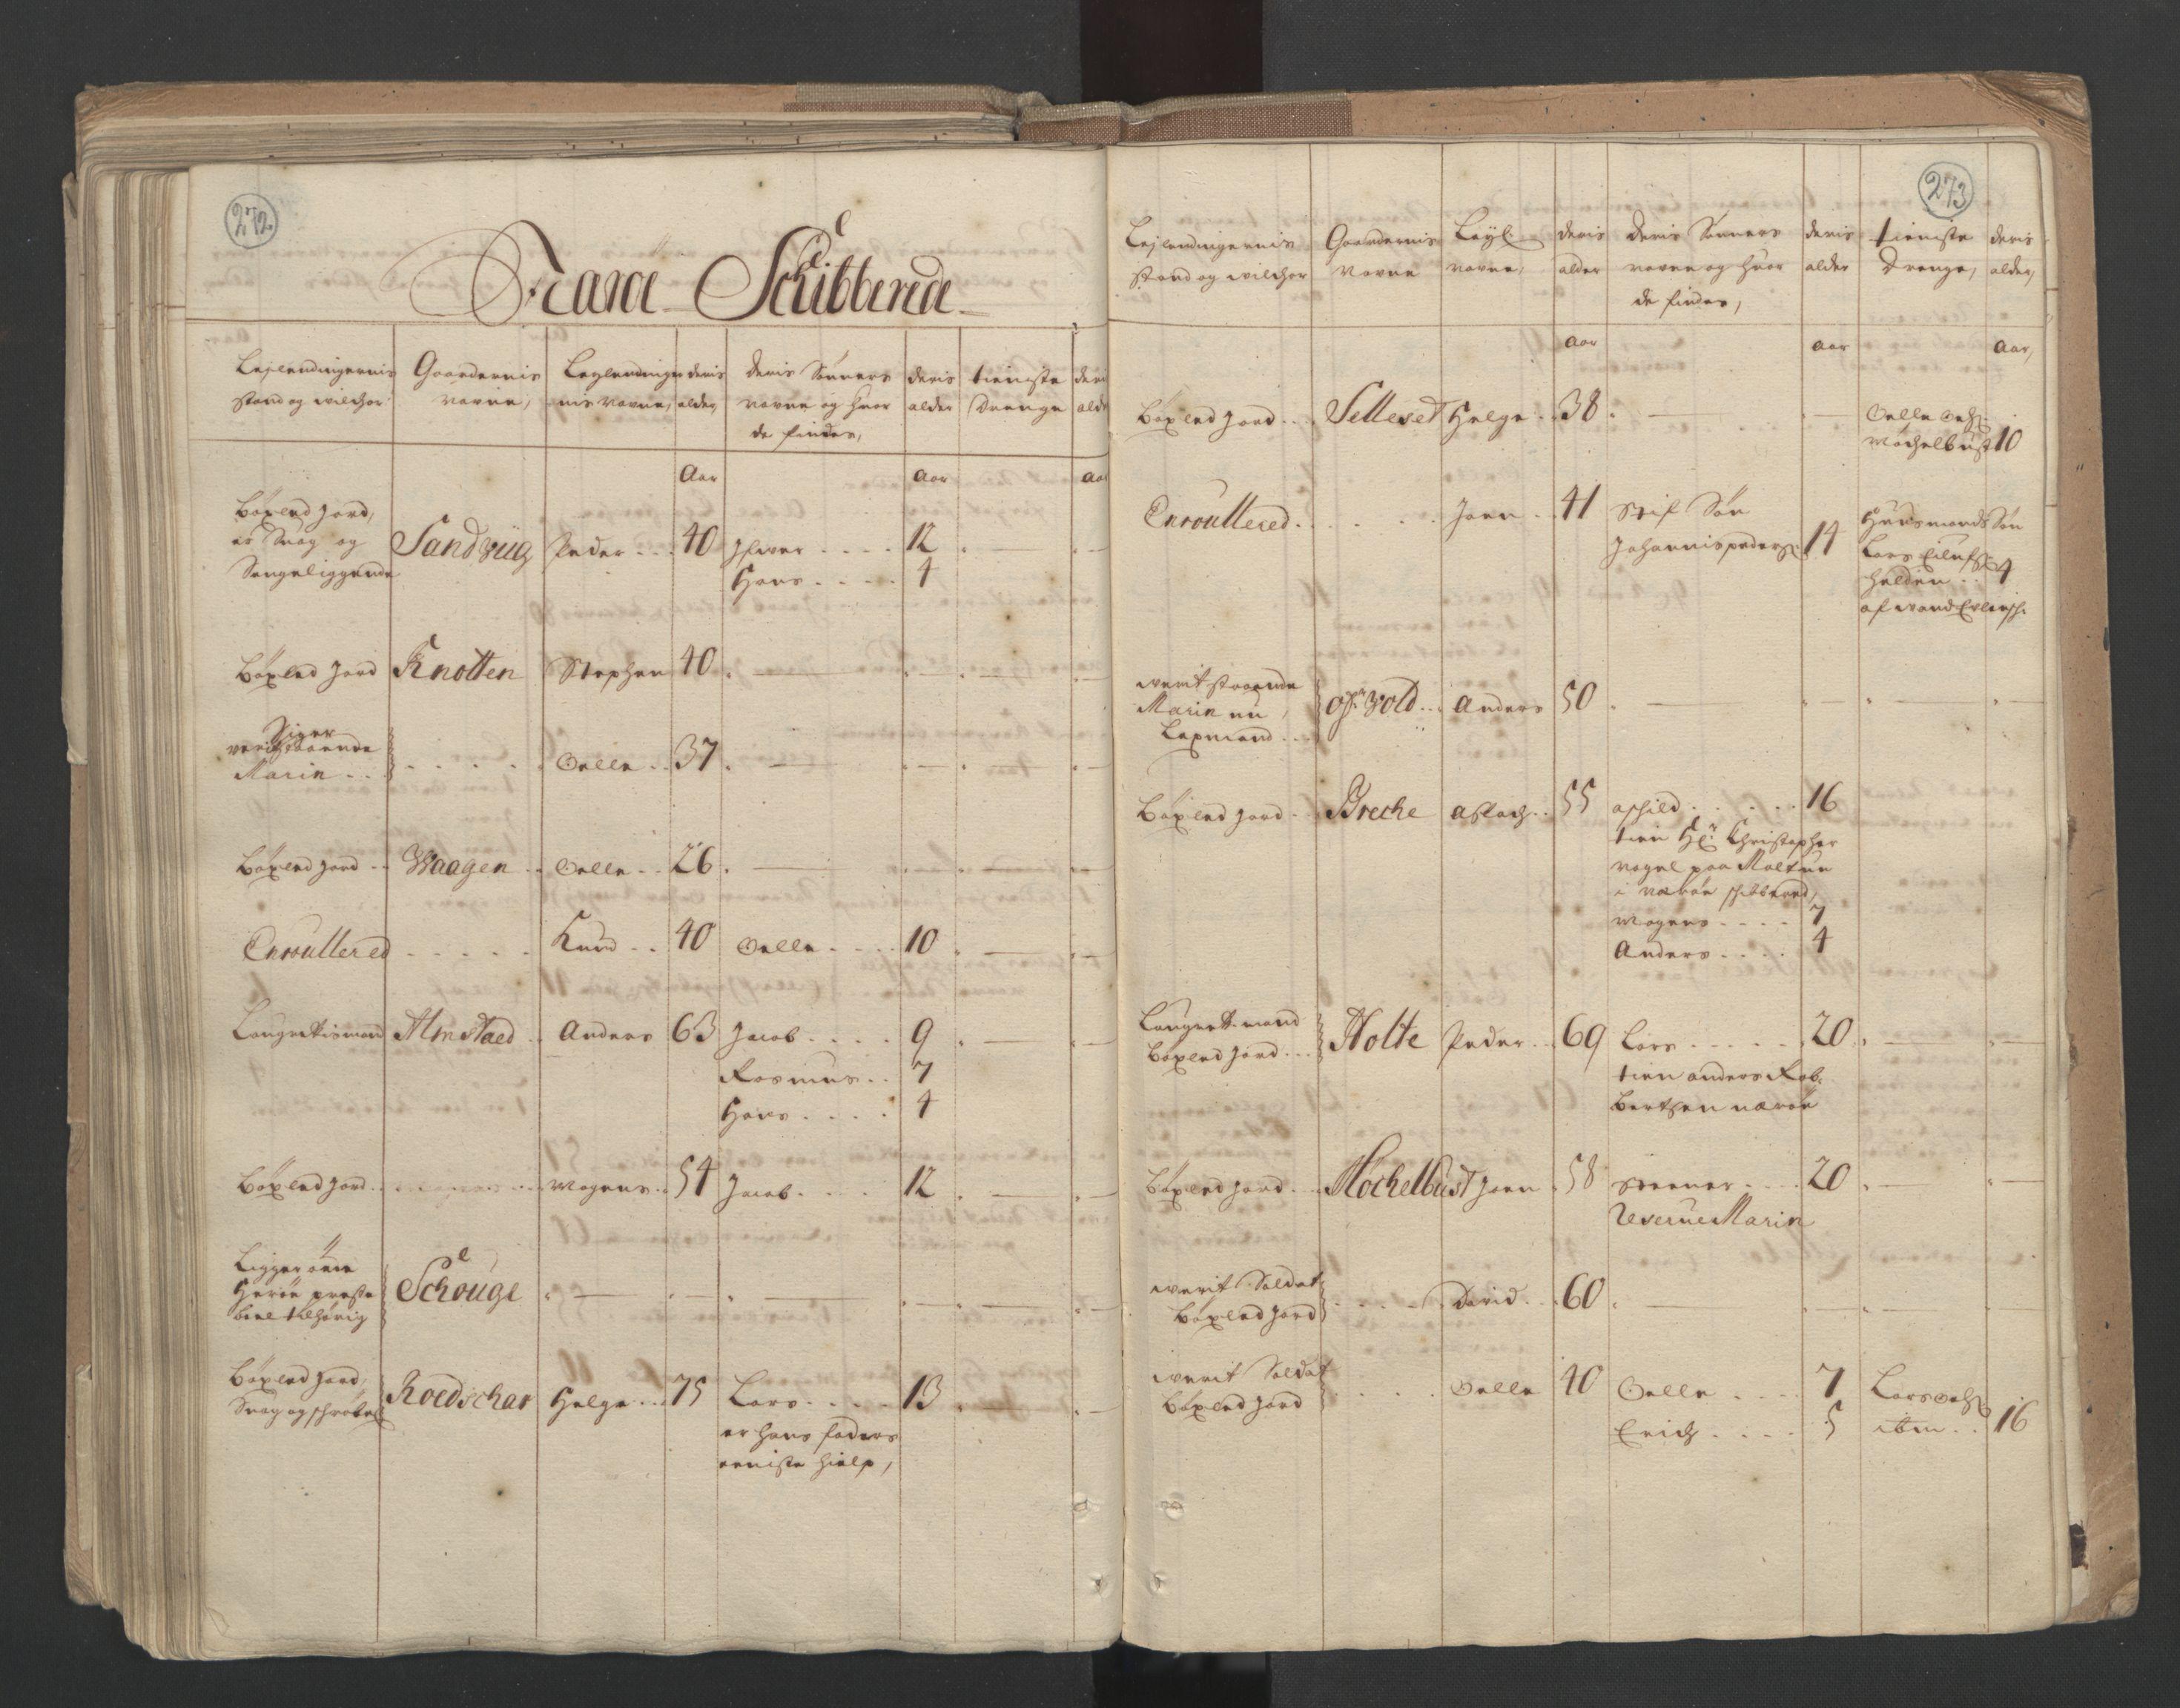 RA, Manntallet 1701, nr. 10: Sunnmøre fogderi, 1701, s. 272-273